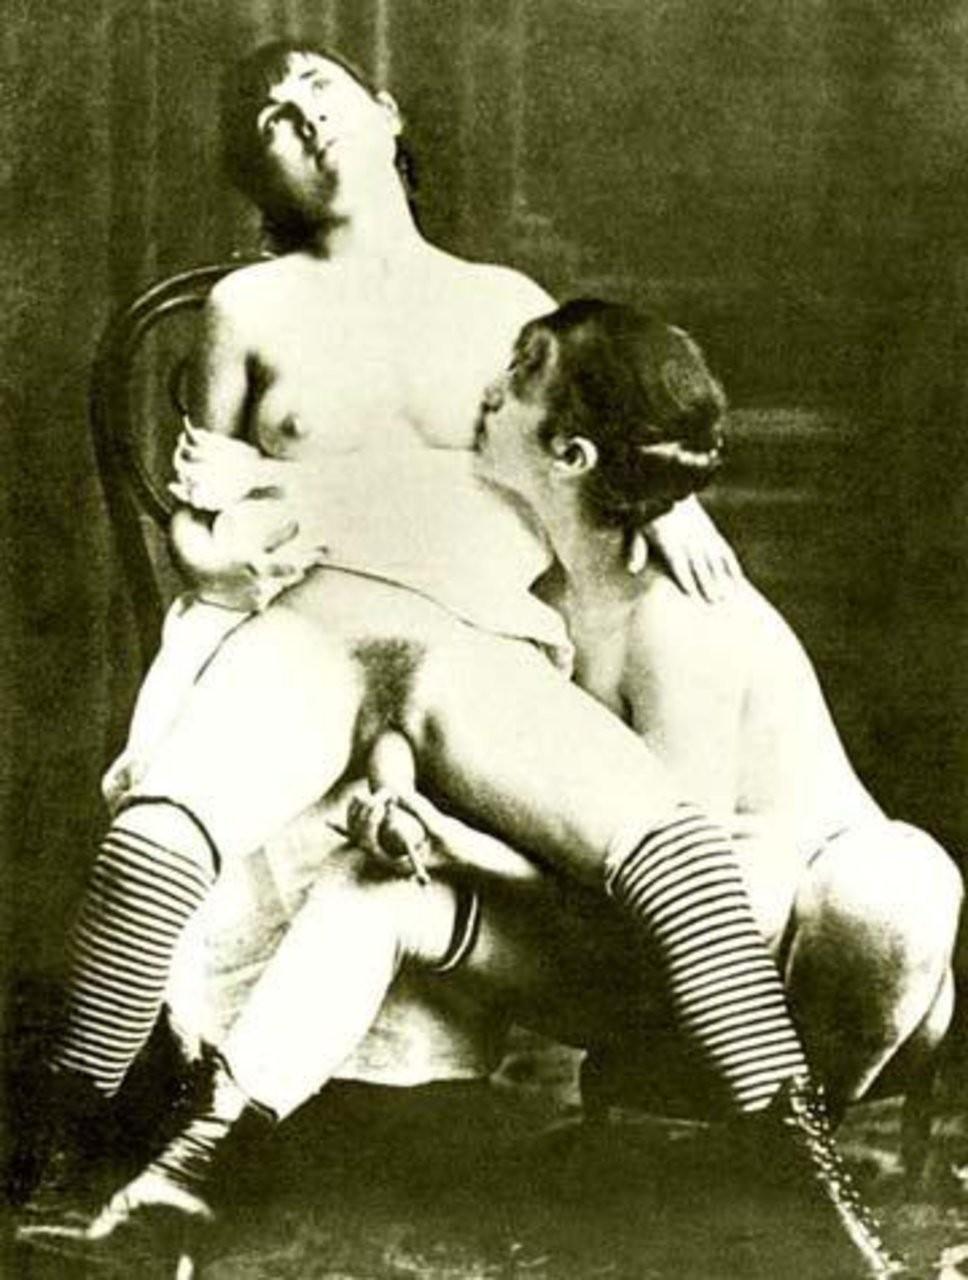 karel grosse nude naked jerking – BDSM